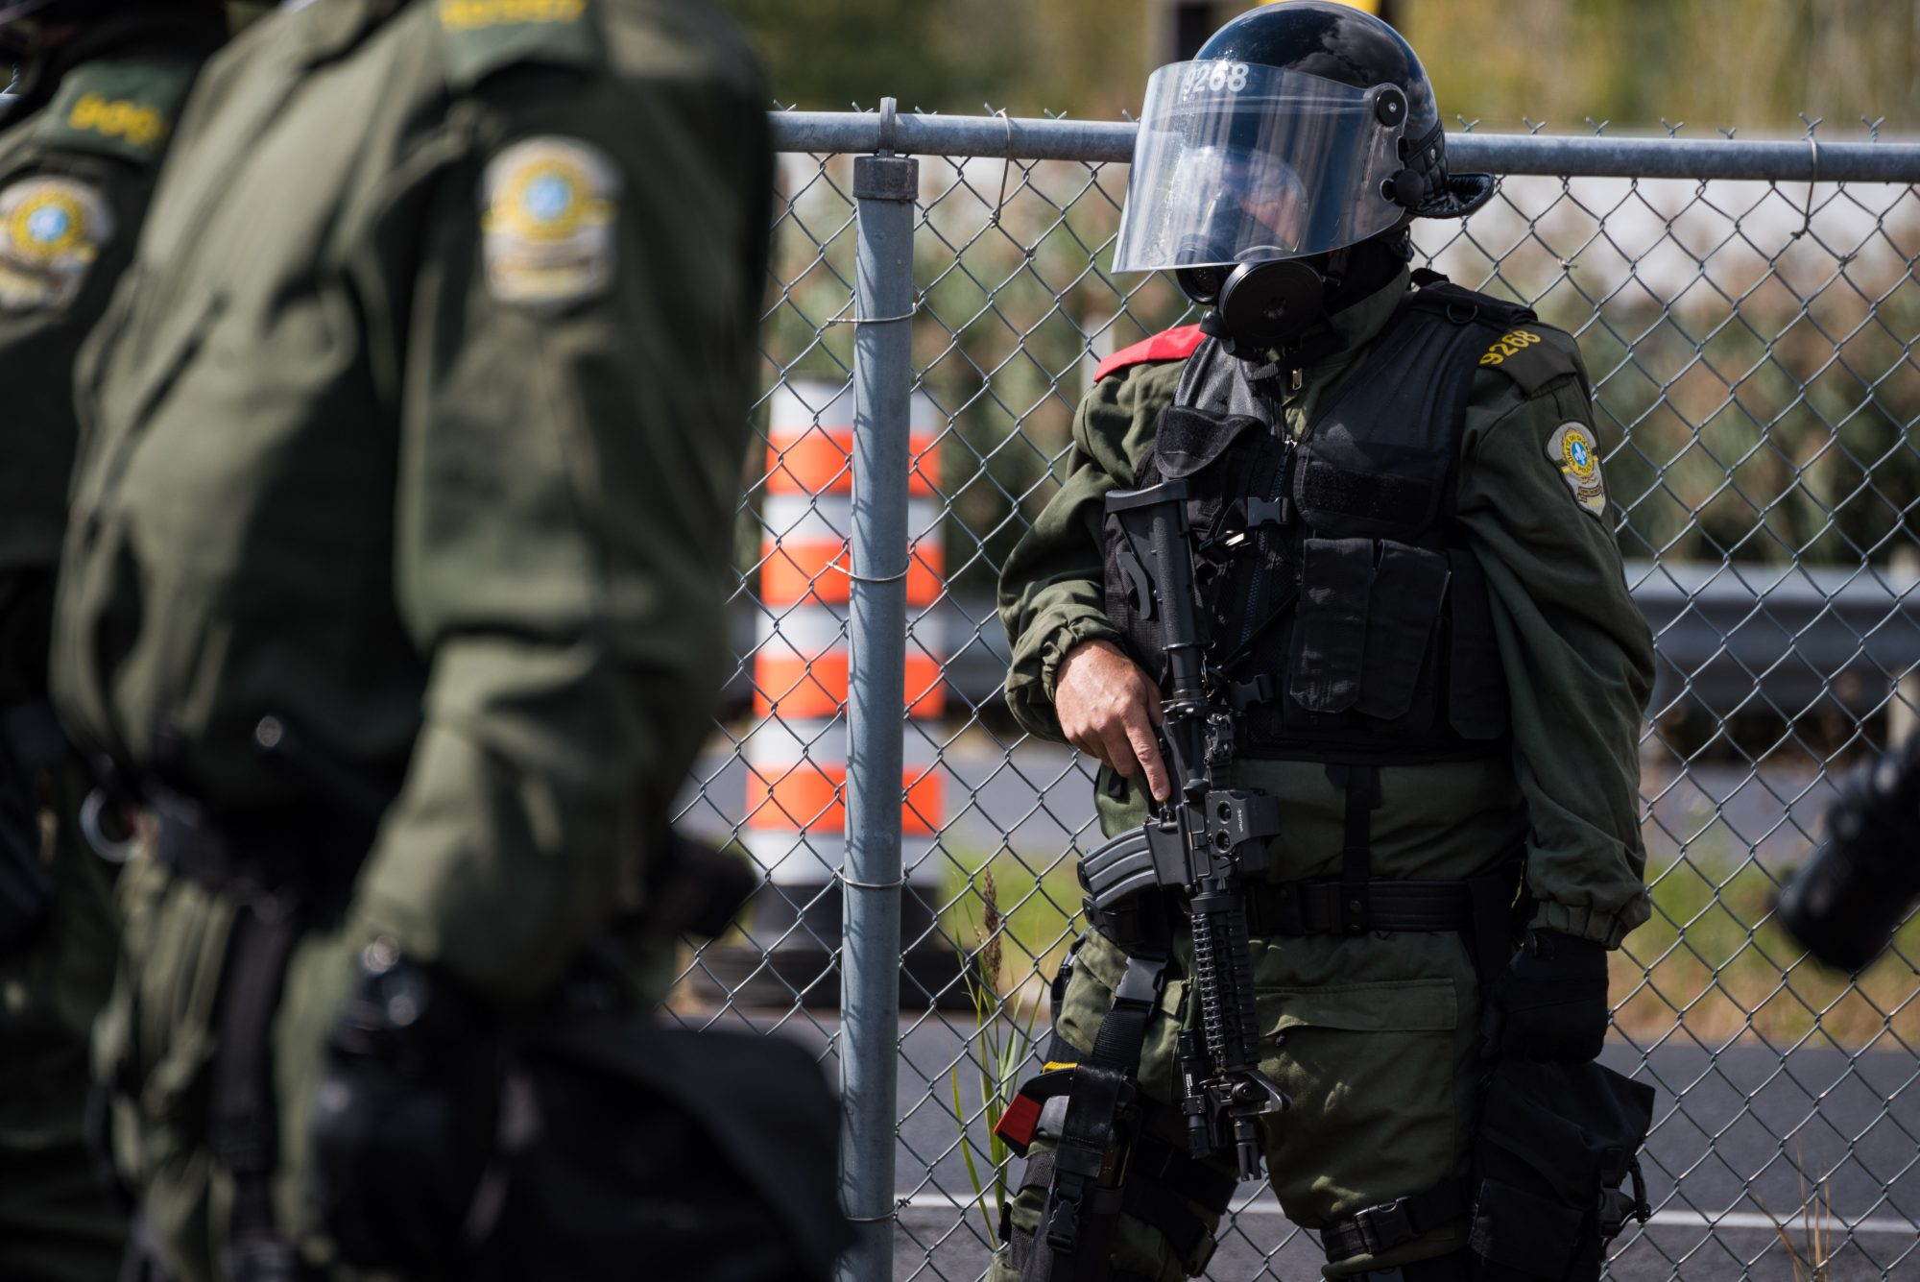 Un fusil d'assaut déployé sur un des agents de la Sûreté du Québec observant les deux manifestations   Photo: Martin Ouellet-Diotte Montréal Campus